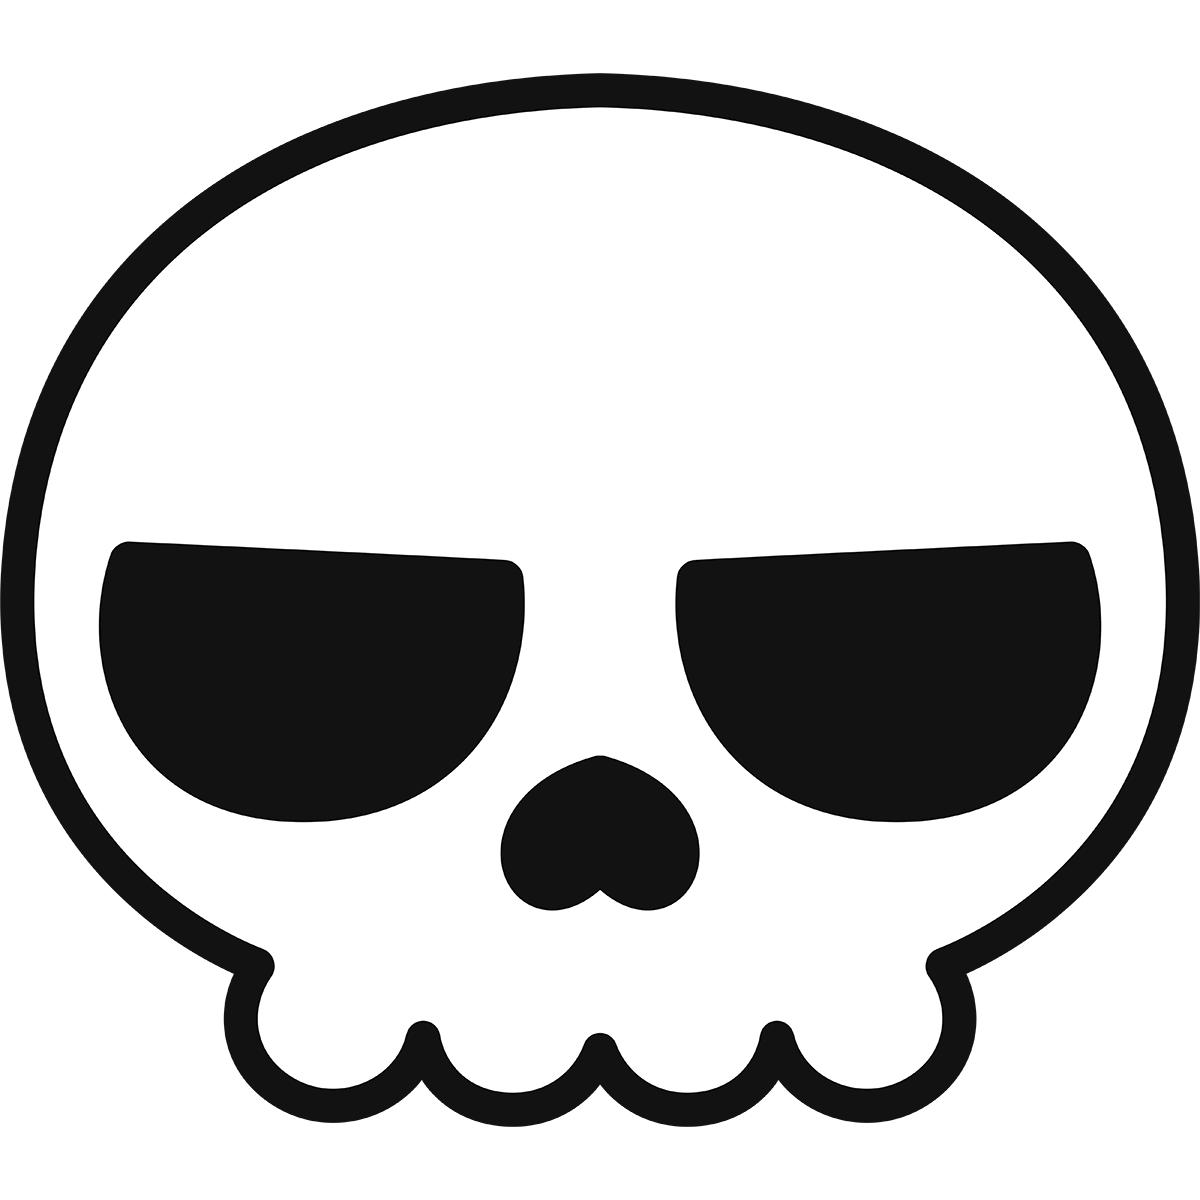 【アイコン】ドクロの無料イラスト